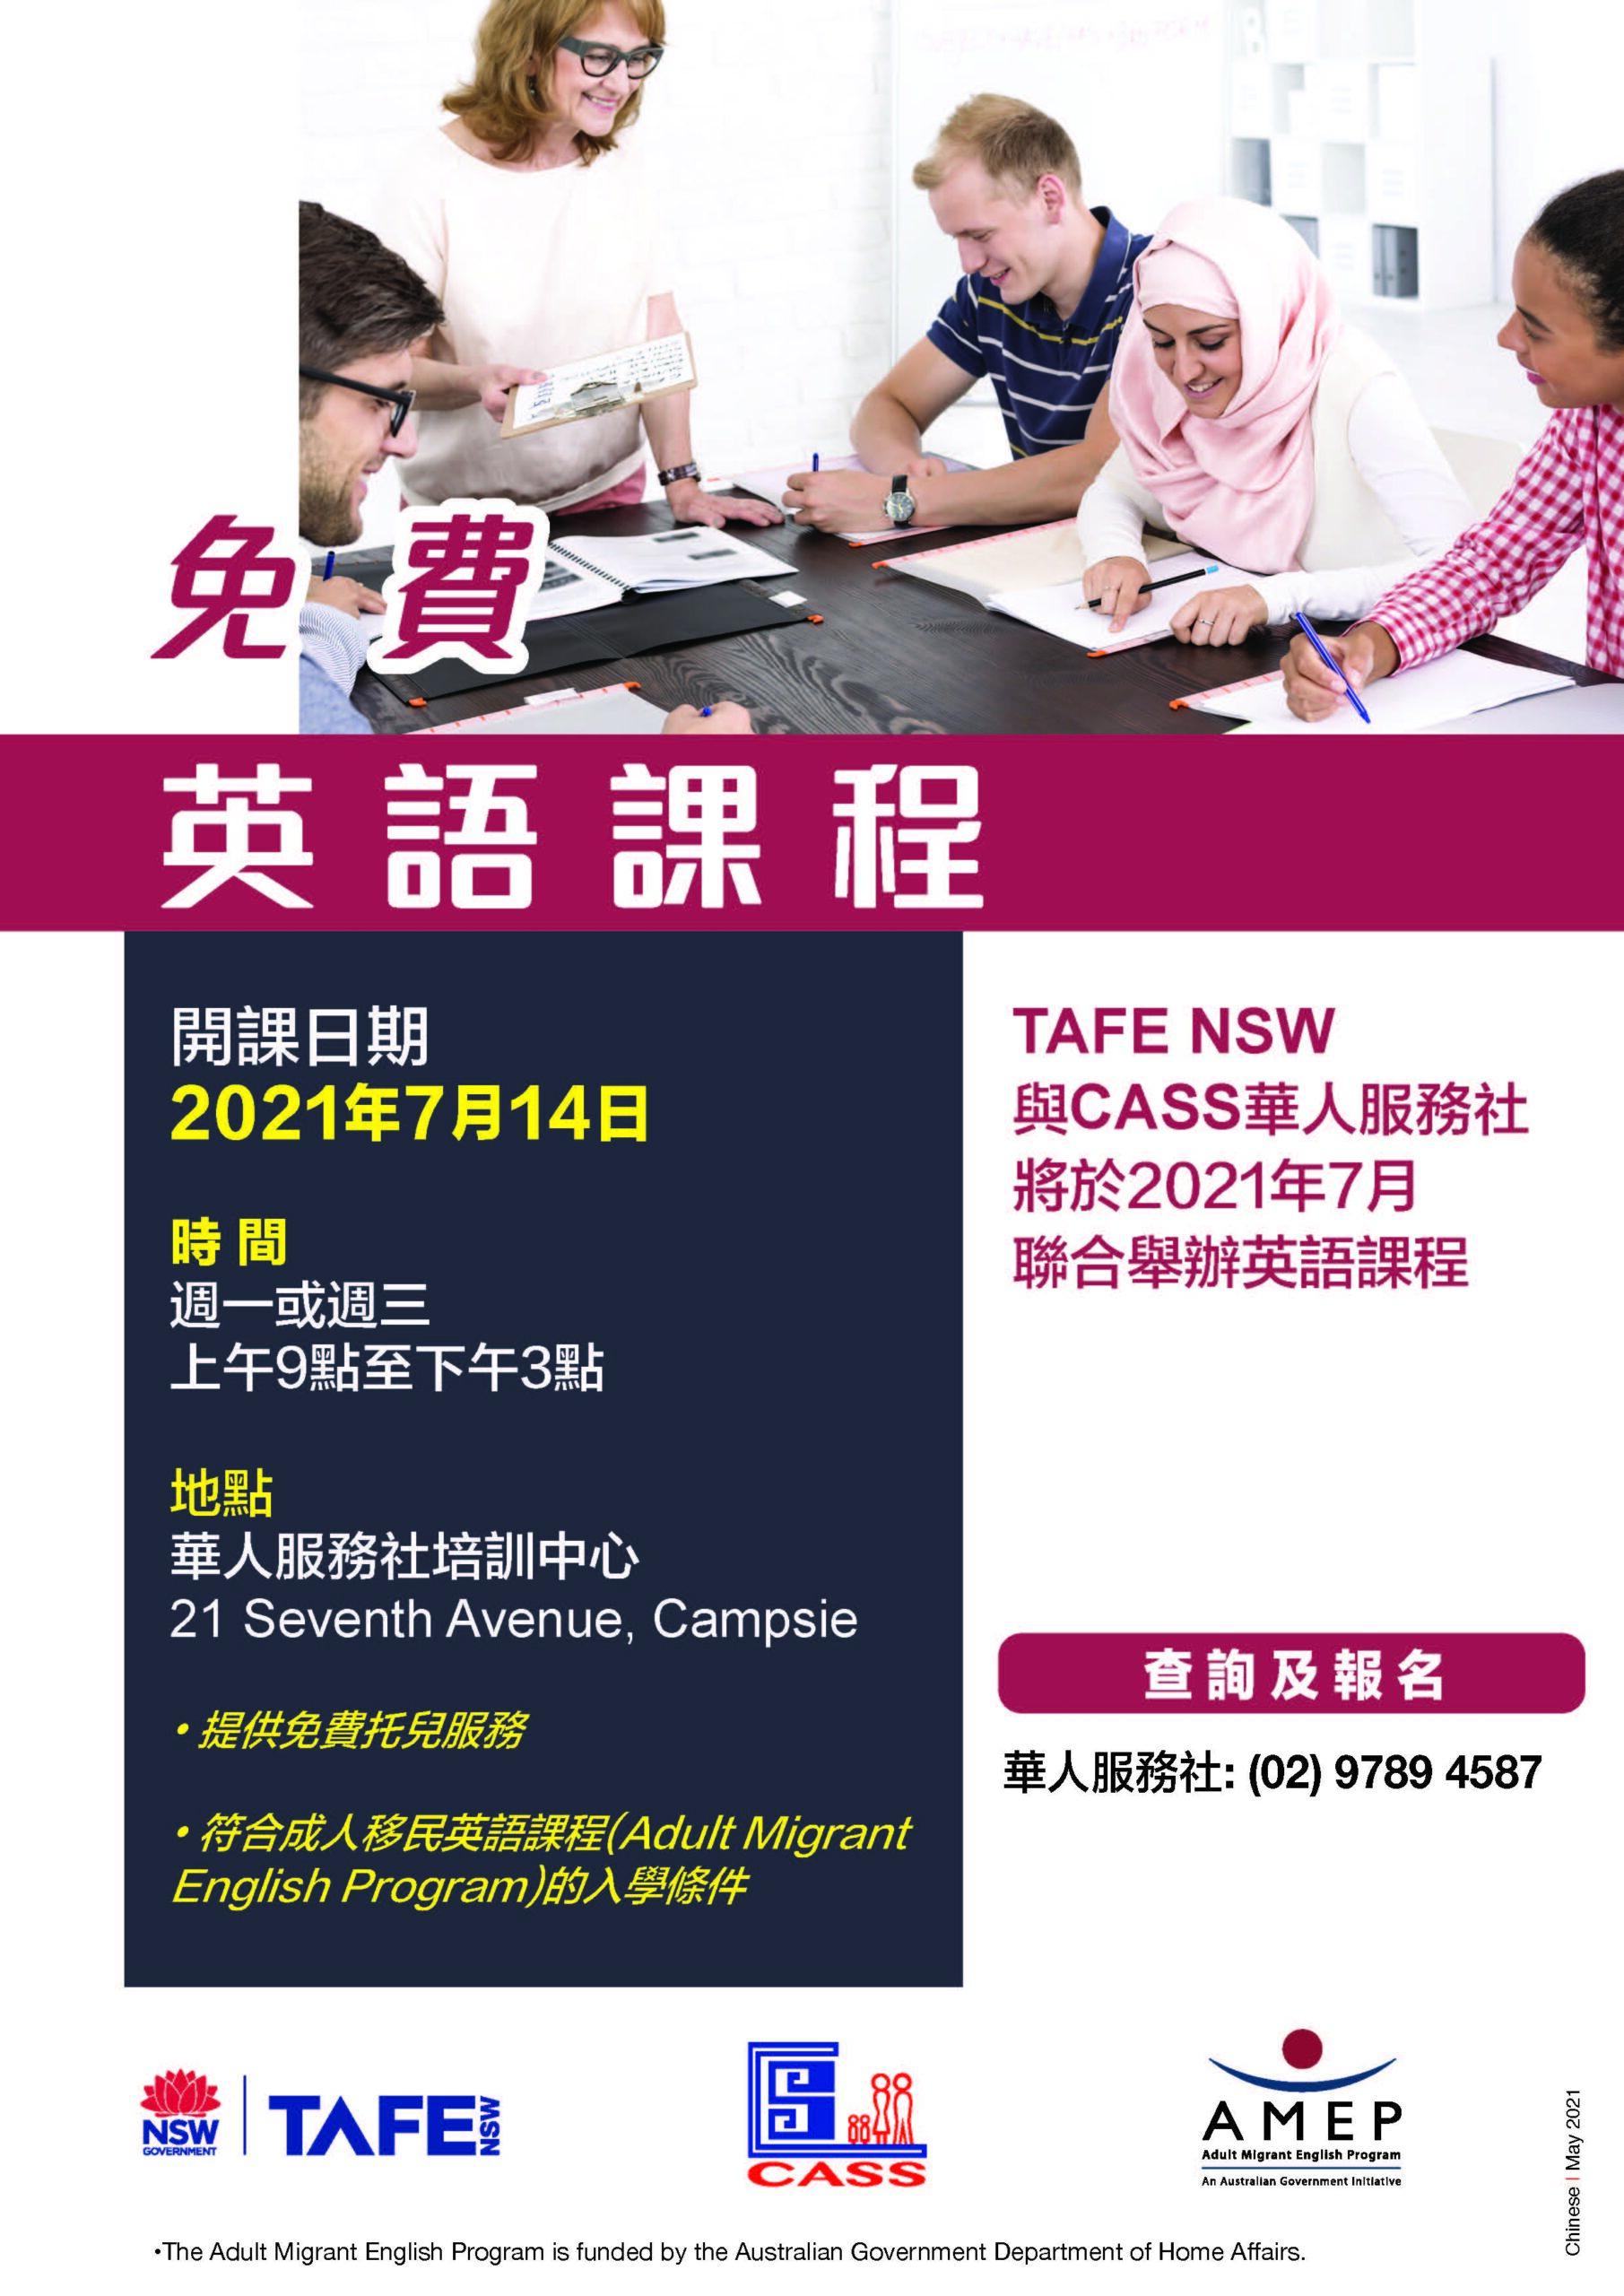 我社與TAFE合辦免費成人移民英語課程(含免費托兒服務)